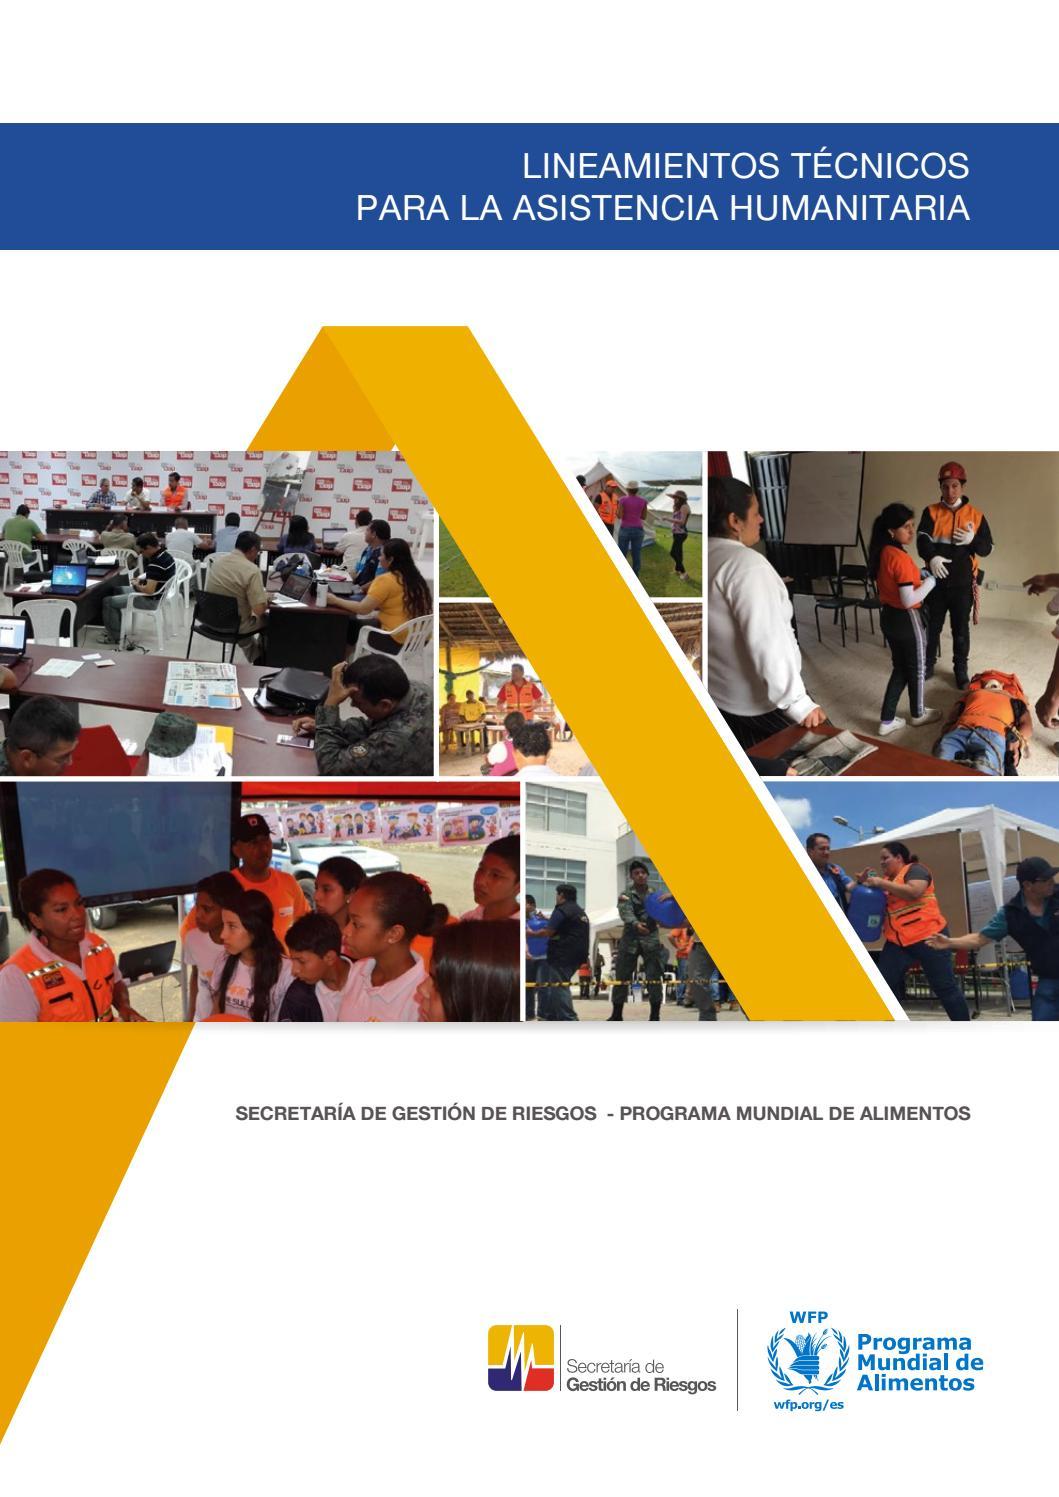 Lineamientos técnicos asistencia humanitaria. by Andres Ruiz ...